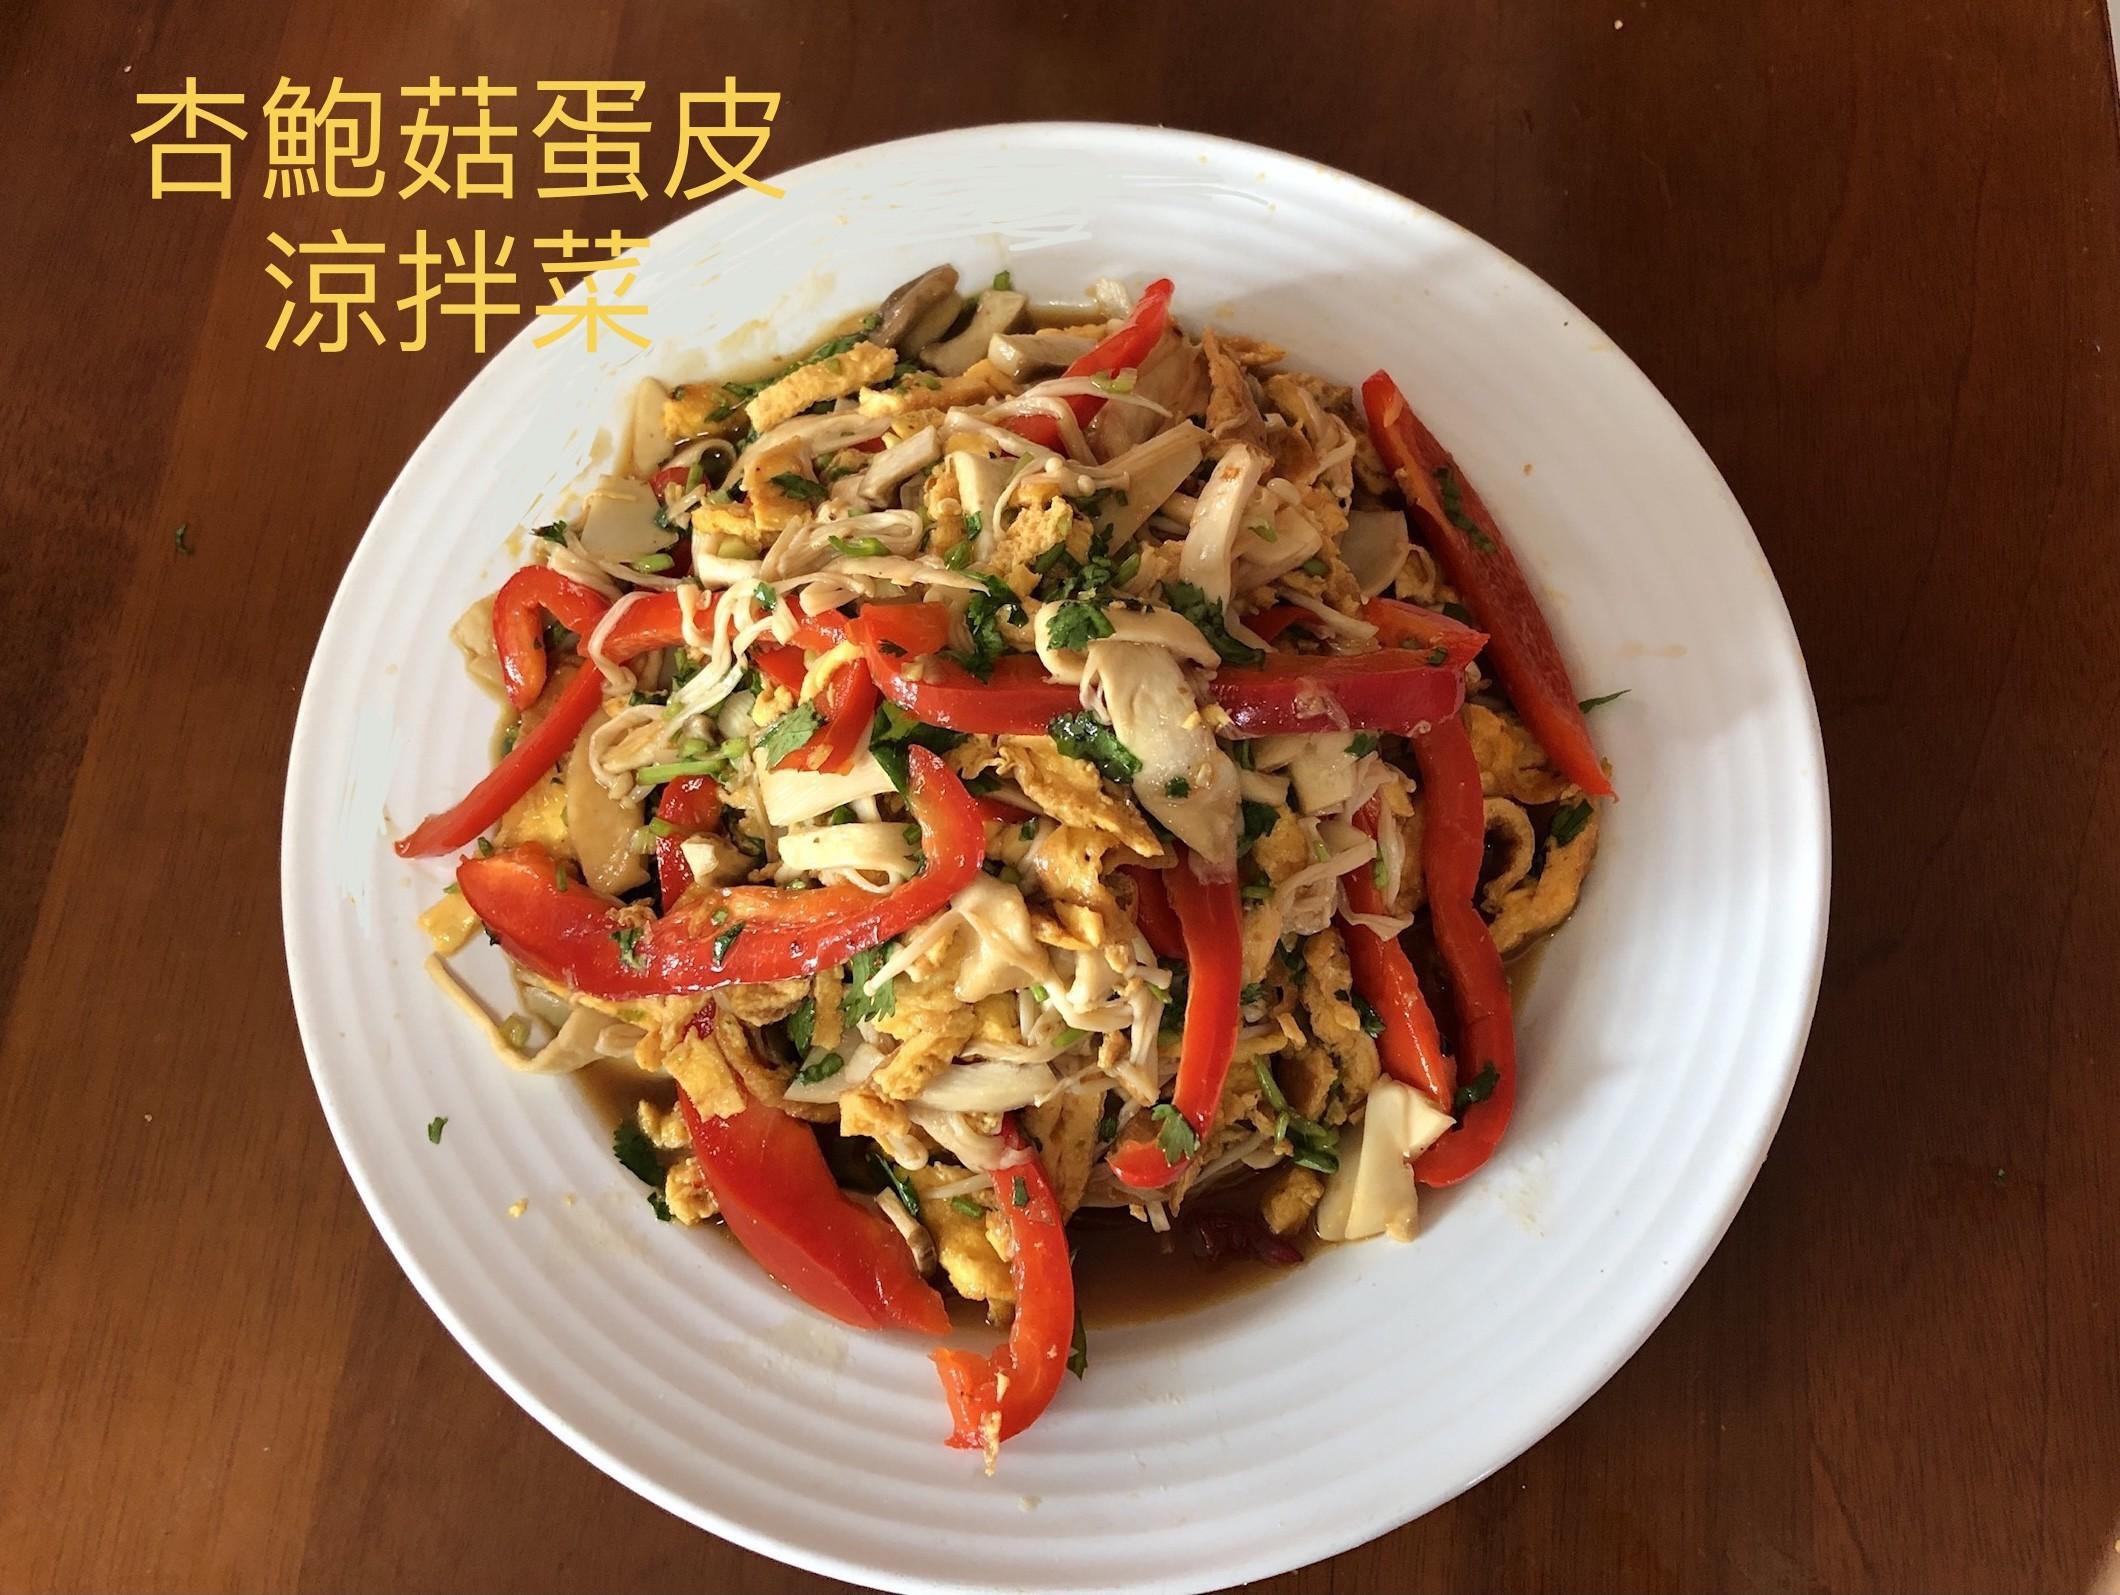 素食食譜 涼拌菜 素食涼拌杏鮑菇